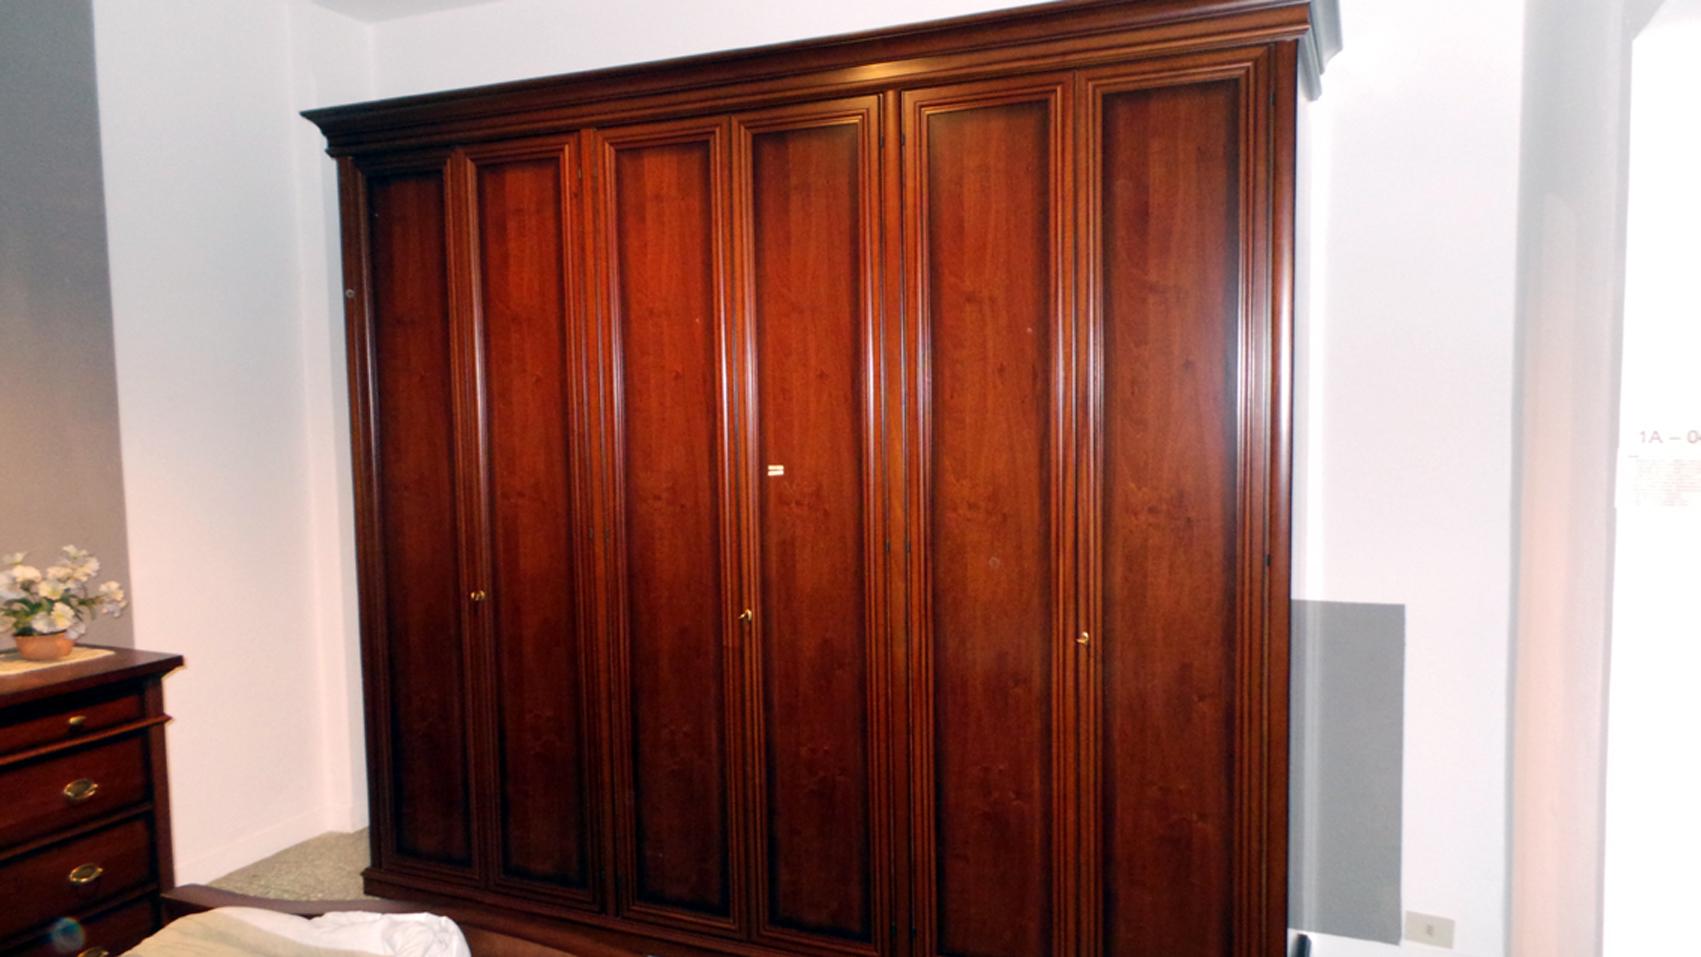 Oggetti di arredamento per camera da letto - Aste arredamento casa ...